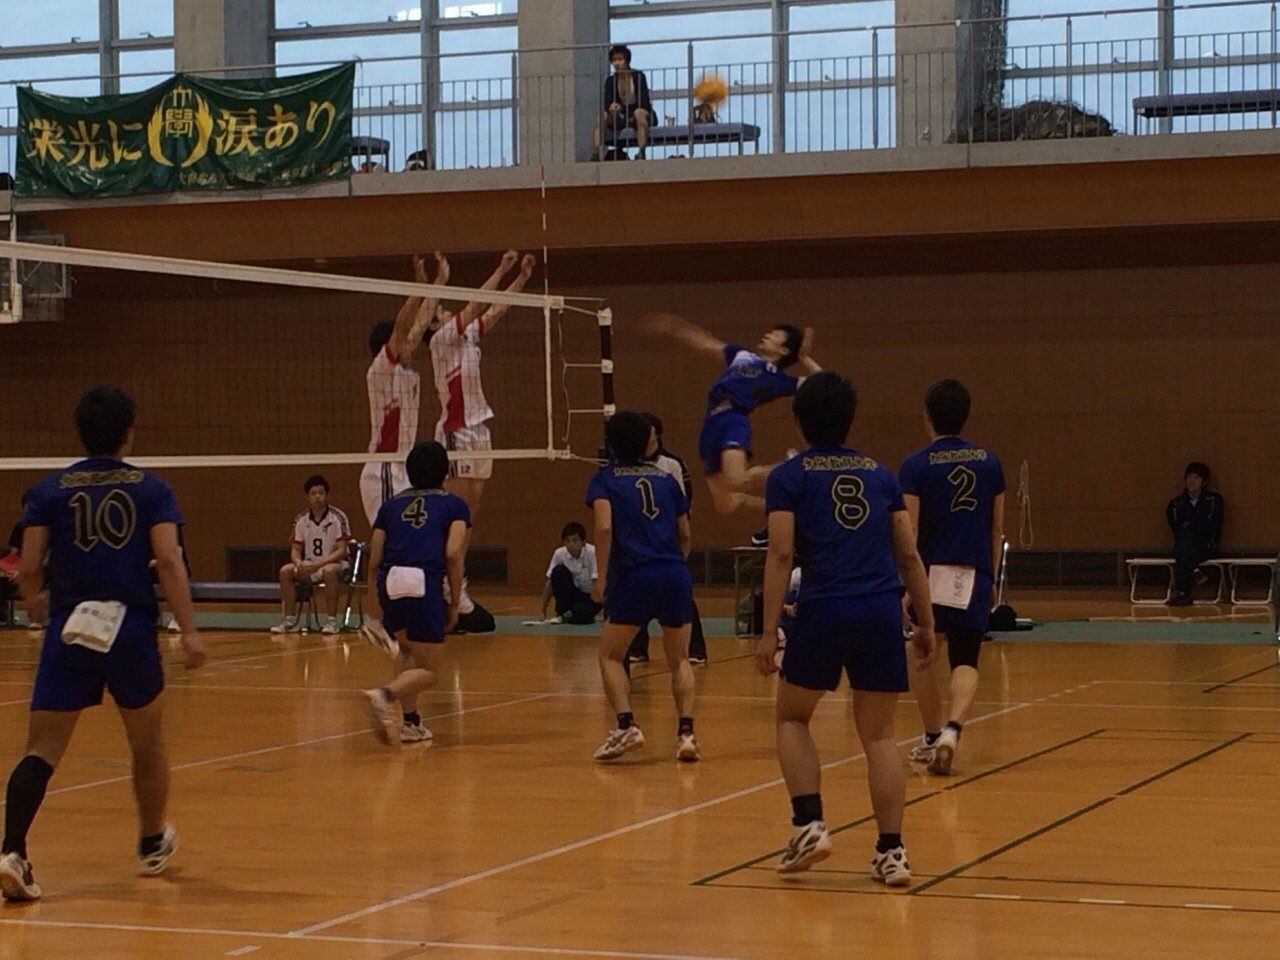 大阪教育大学 男子バレーボール部 : 2014 春季リーグ戦